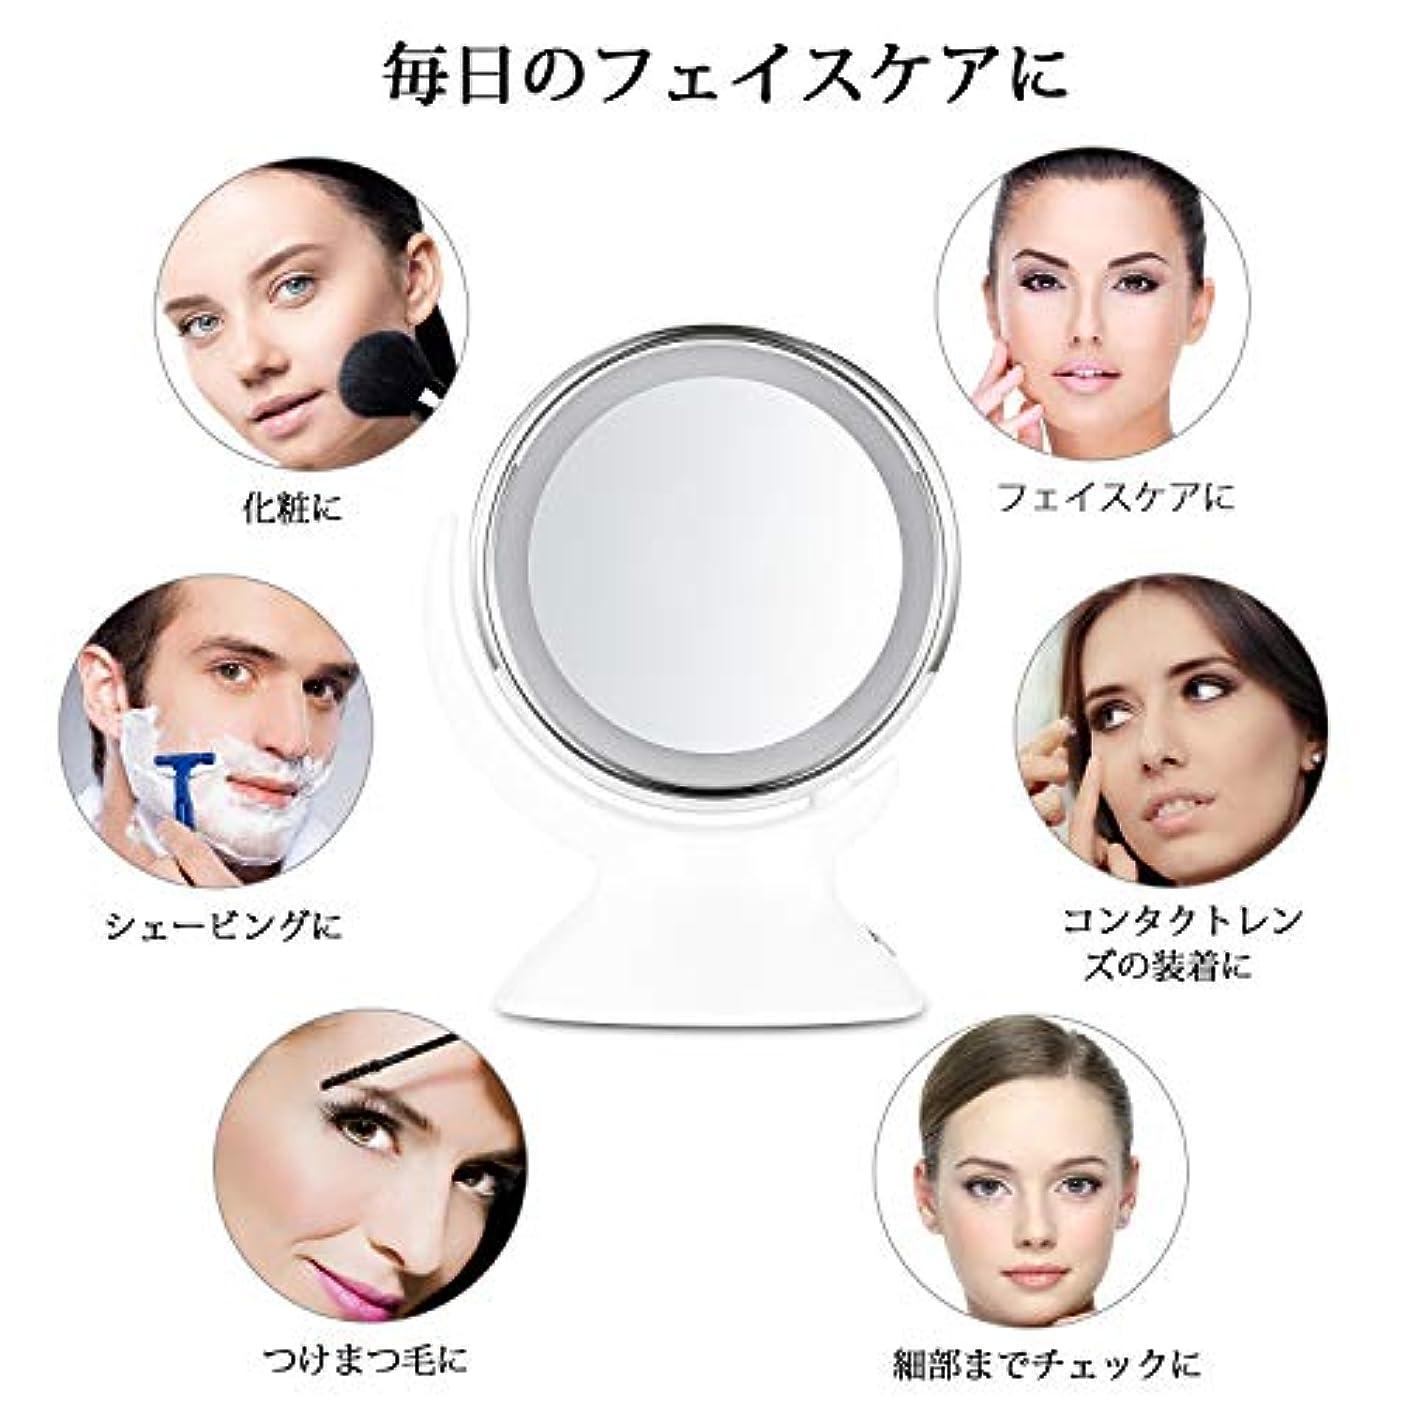 ワゴンスキップ同化する卓上ミラー Nexgadget LED ミラー 鏡 両面鏡 5倍 拡大鏡 女優ミラー 360度調整可能 単三電池付